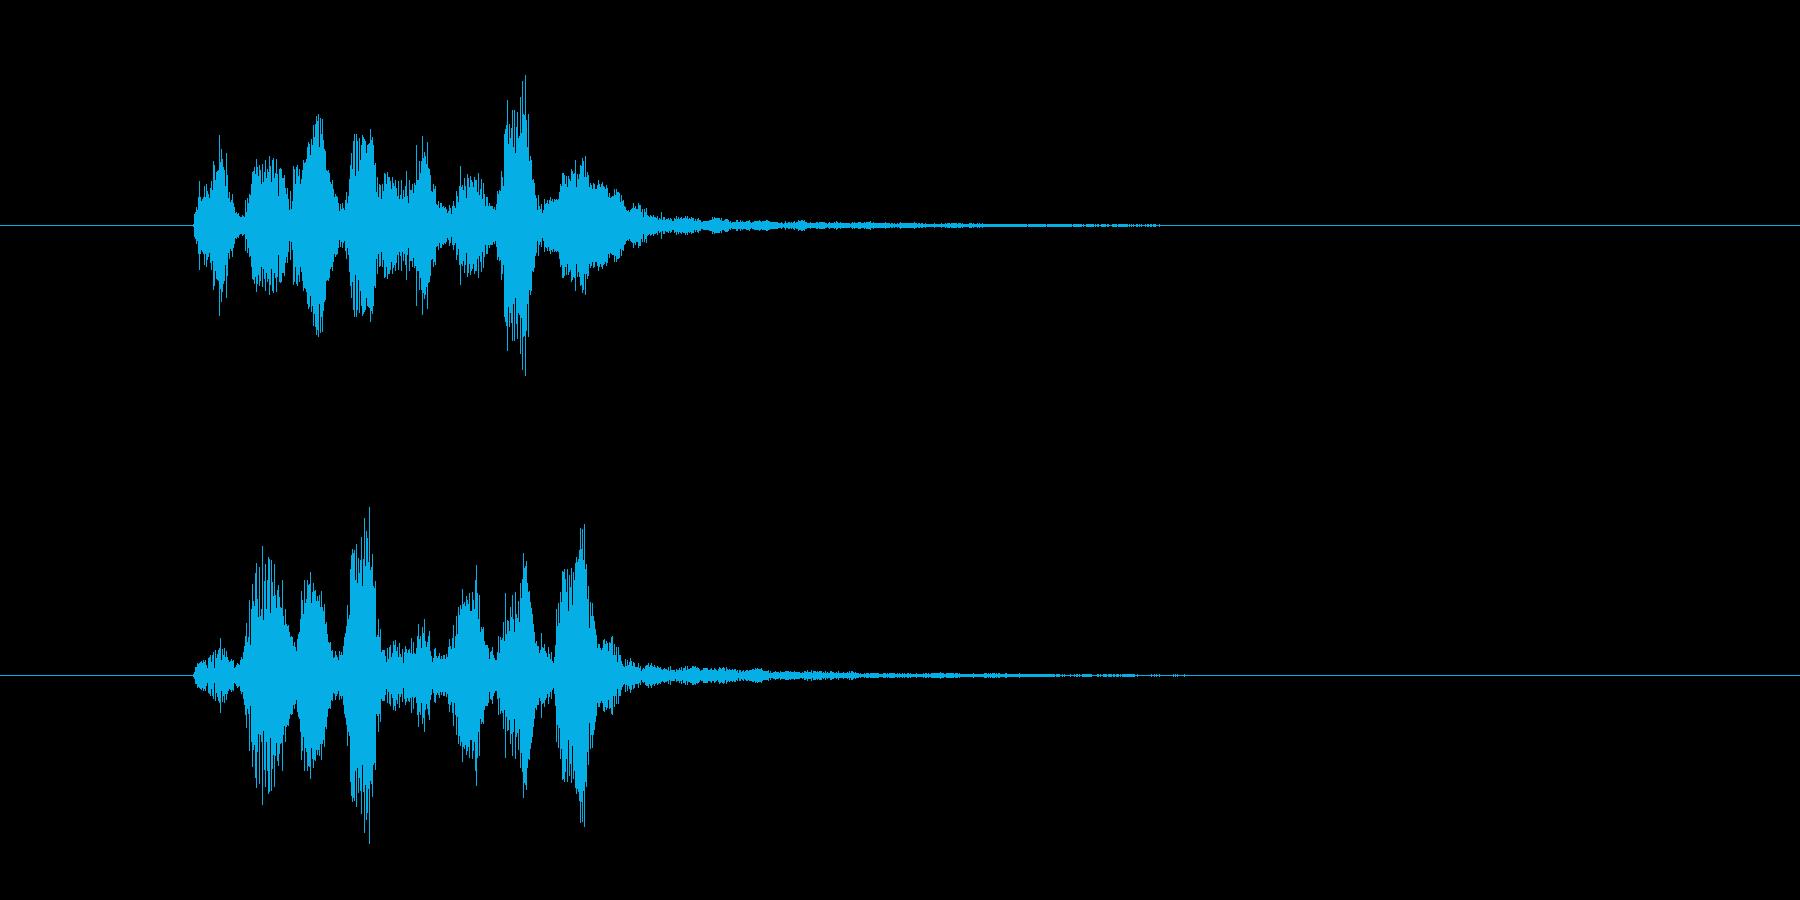 電子音のファンファーレ(決定音、効果音)の再生済みの波形